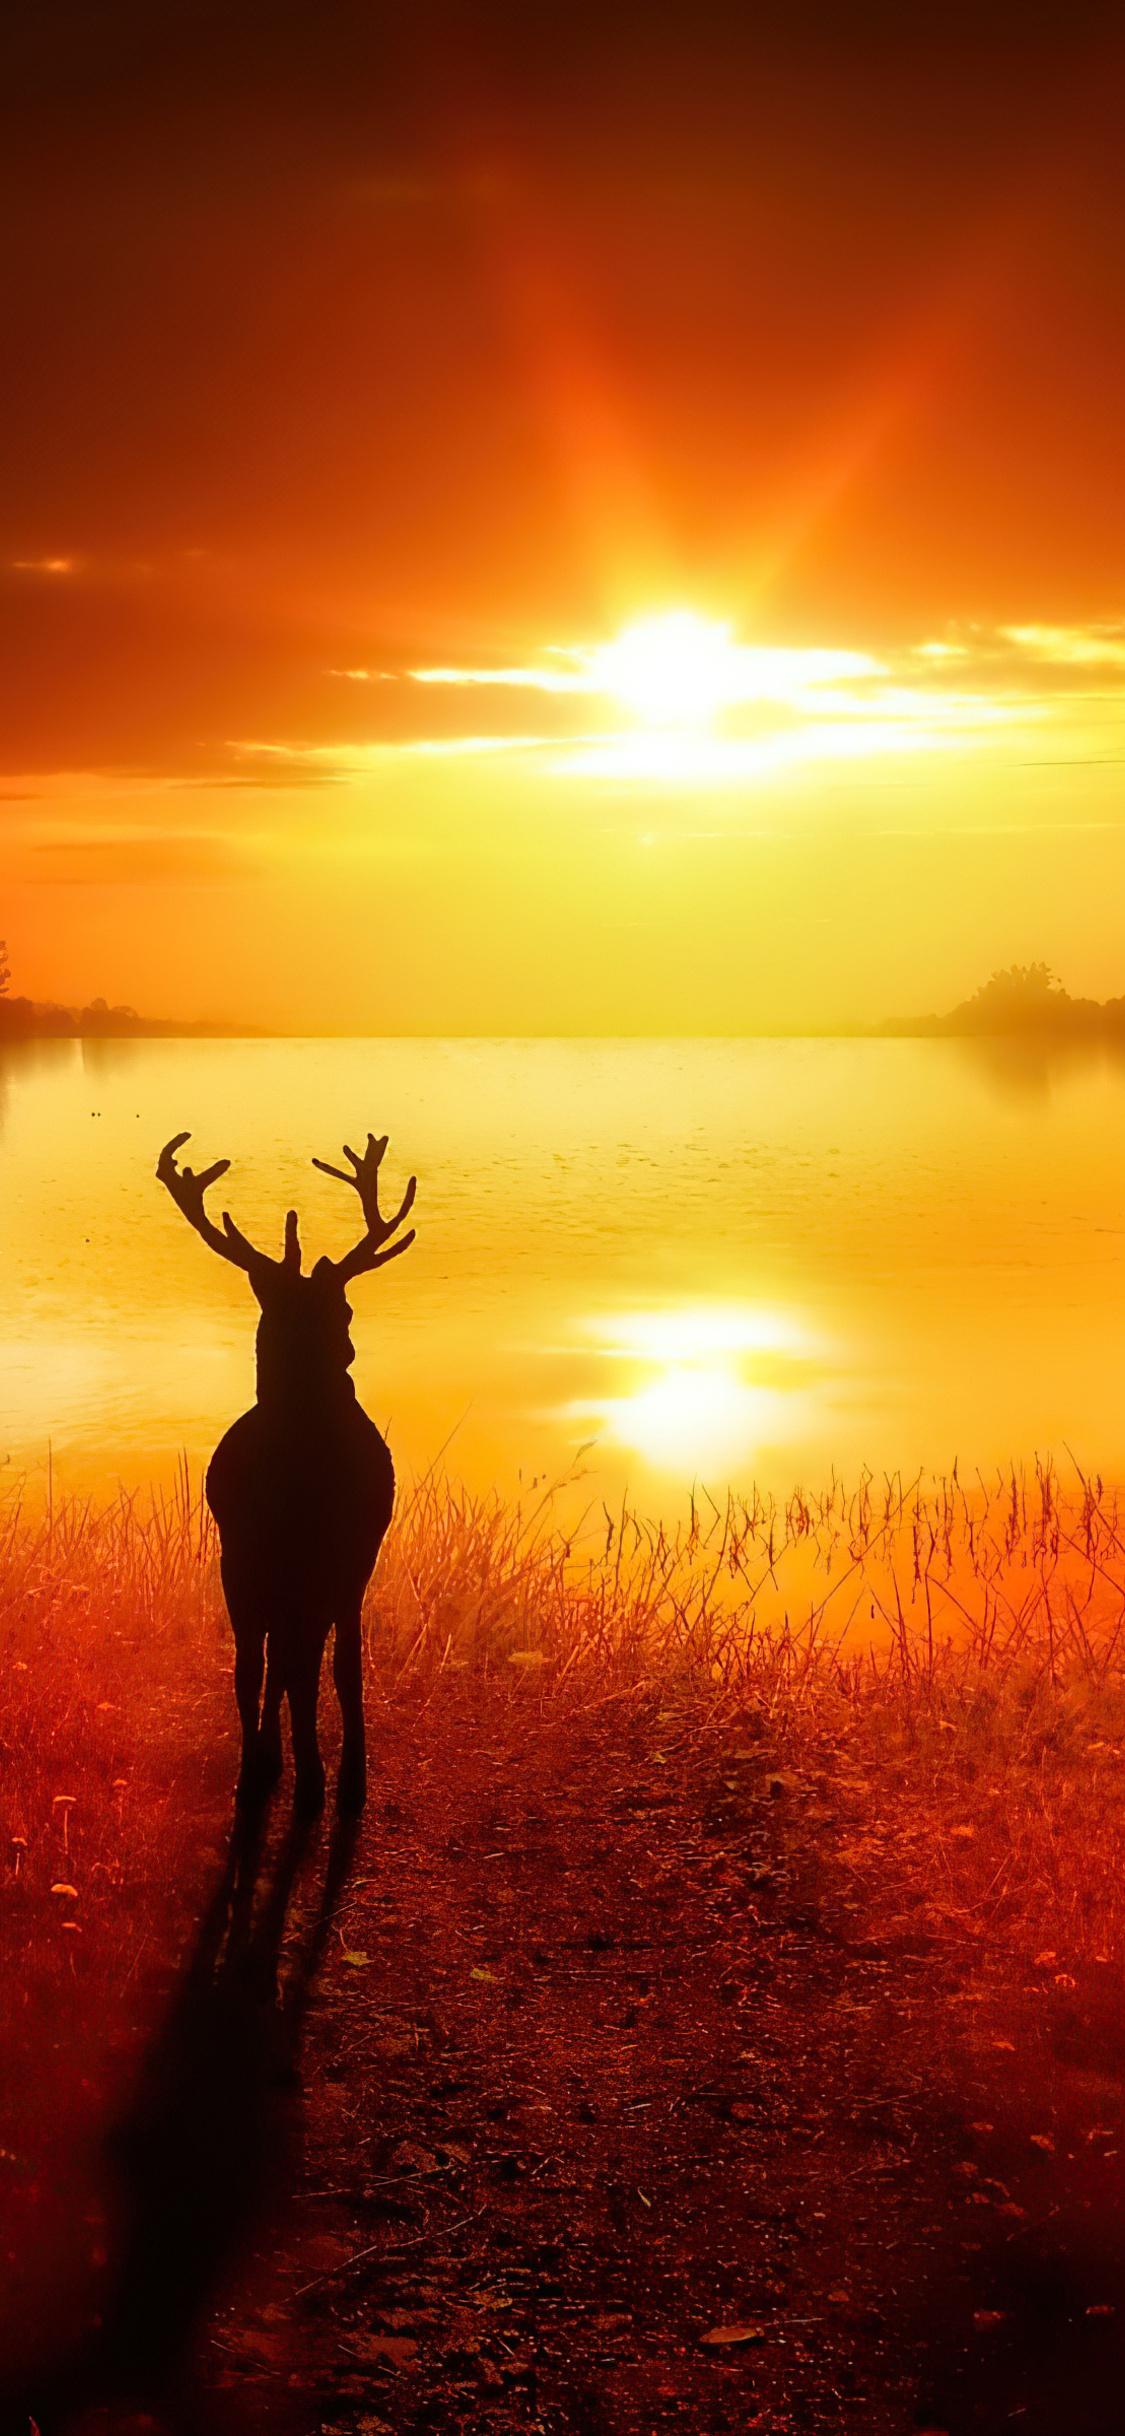 reindeer-lost-in-nature-4k-9o.jpg